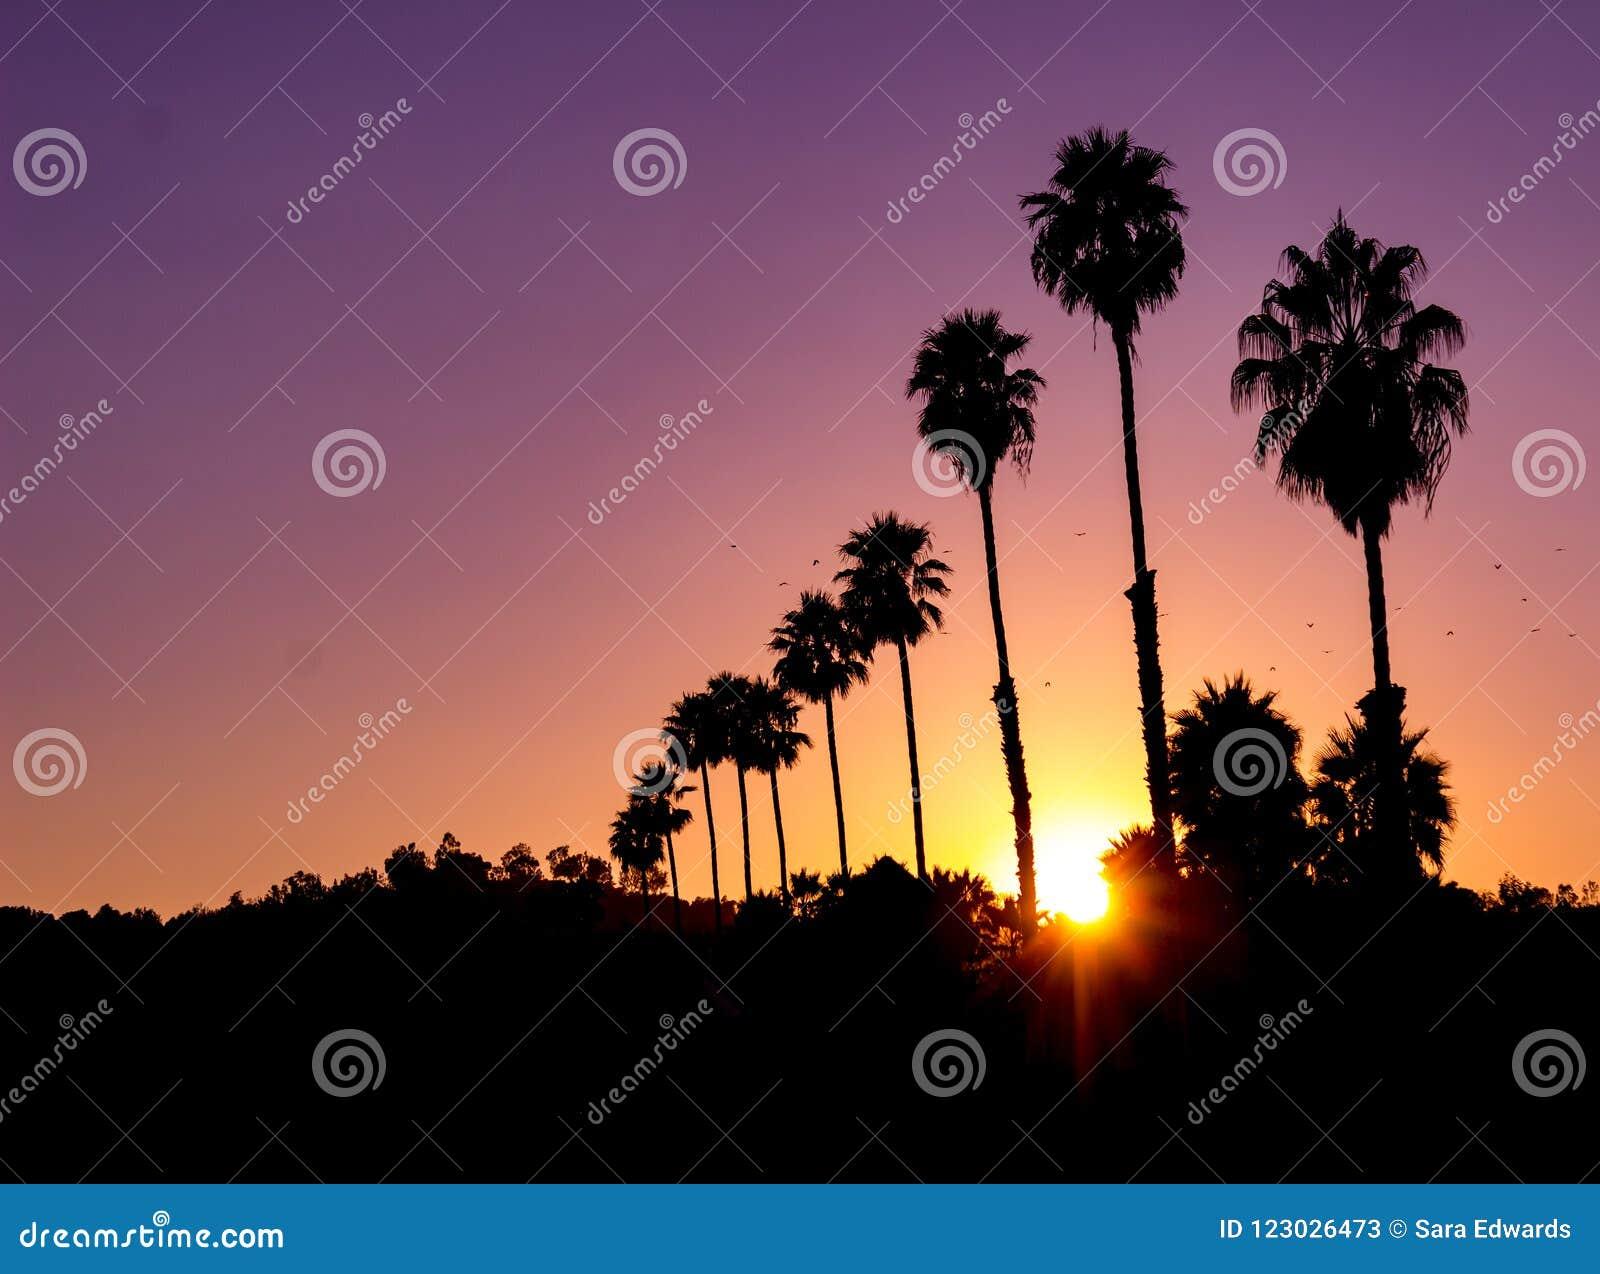 Vista horizontal de una puesta del sol viva con resplandor solar y la silueta de palmeras